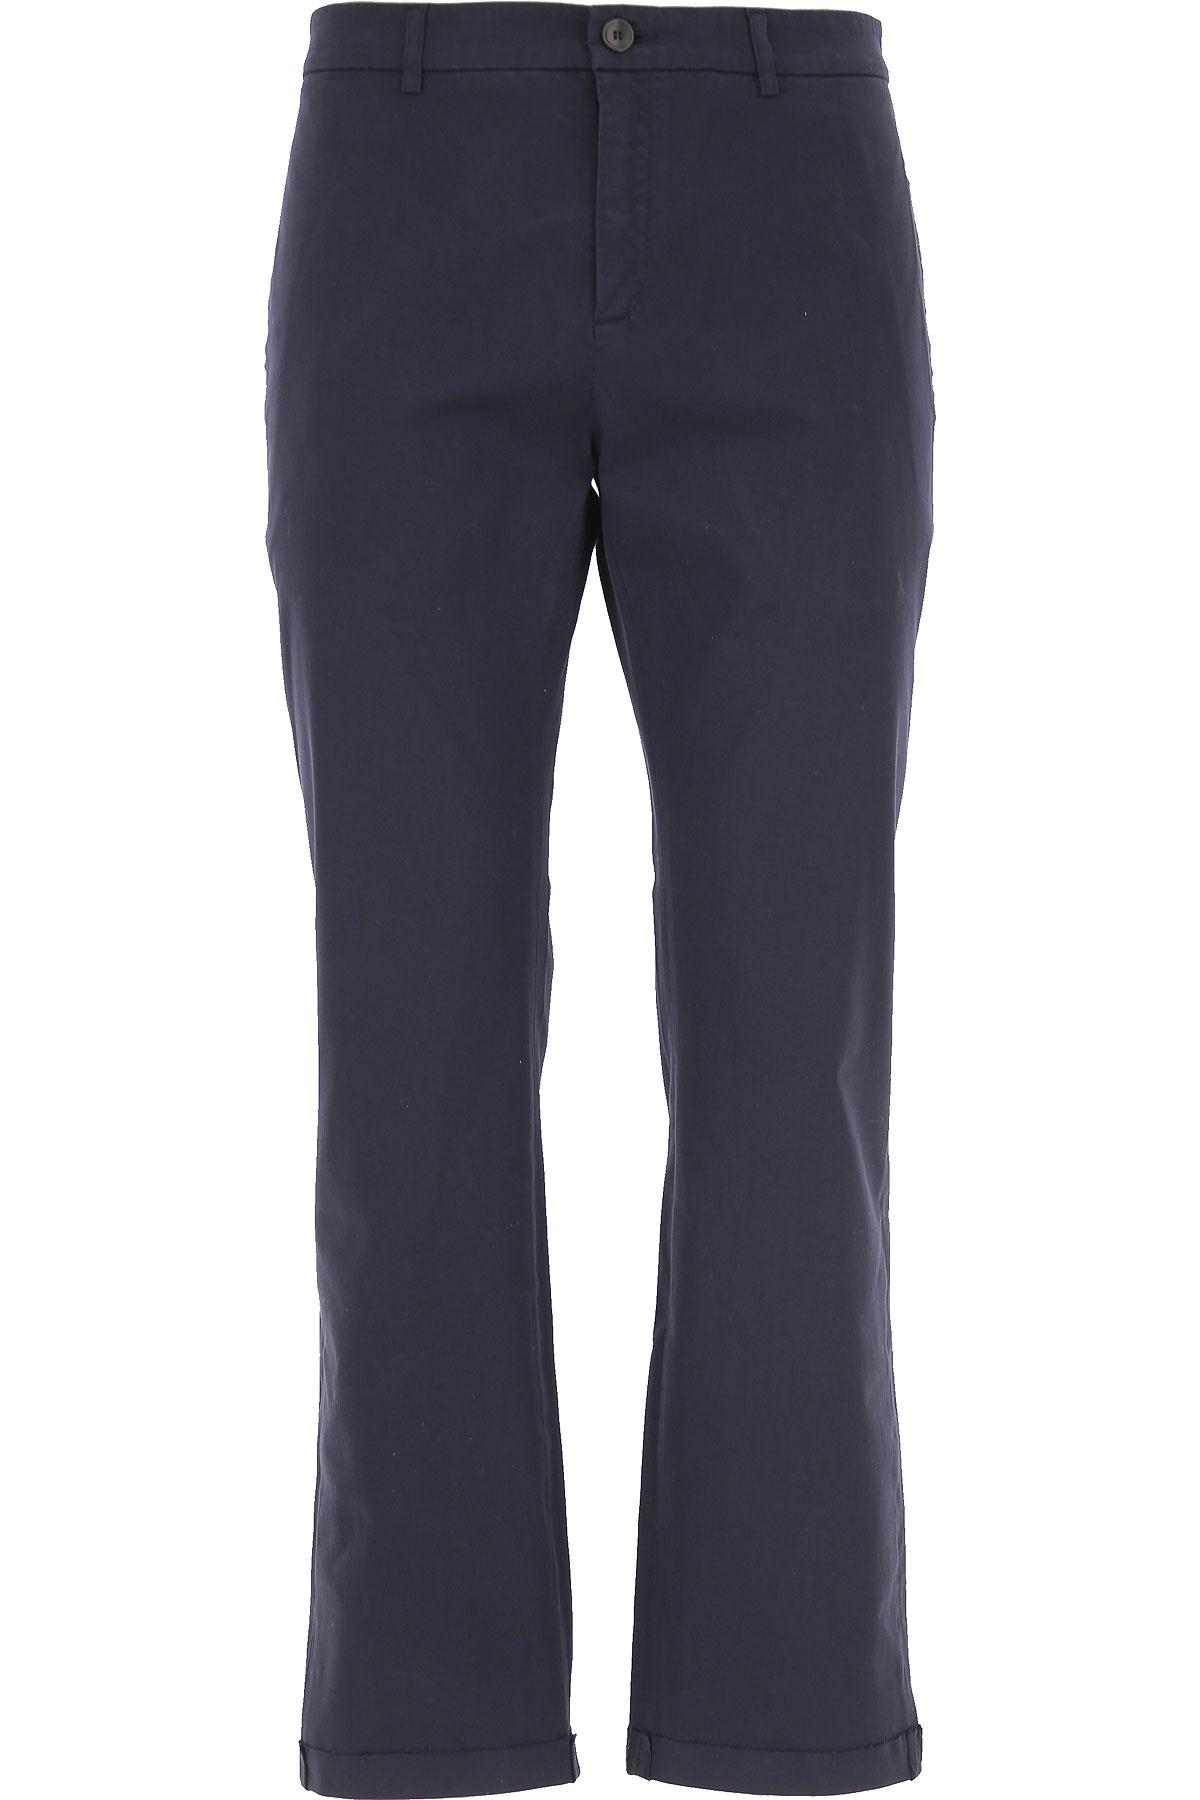 Department Five Pants for Men On Sale, Navy Blue, Cotton, 2019, 31 32 33 34 35 36